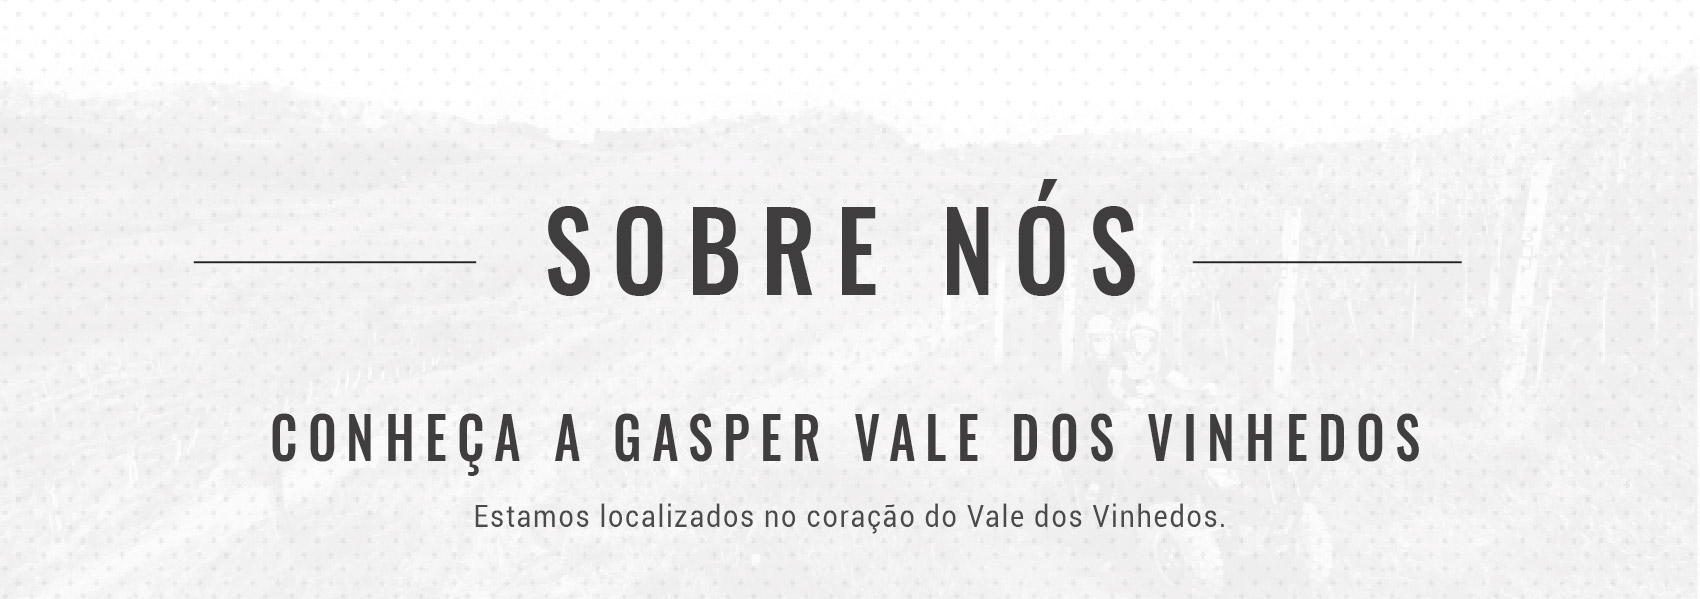 a-gasper-vale-dos-vinhedos-bg-2